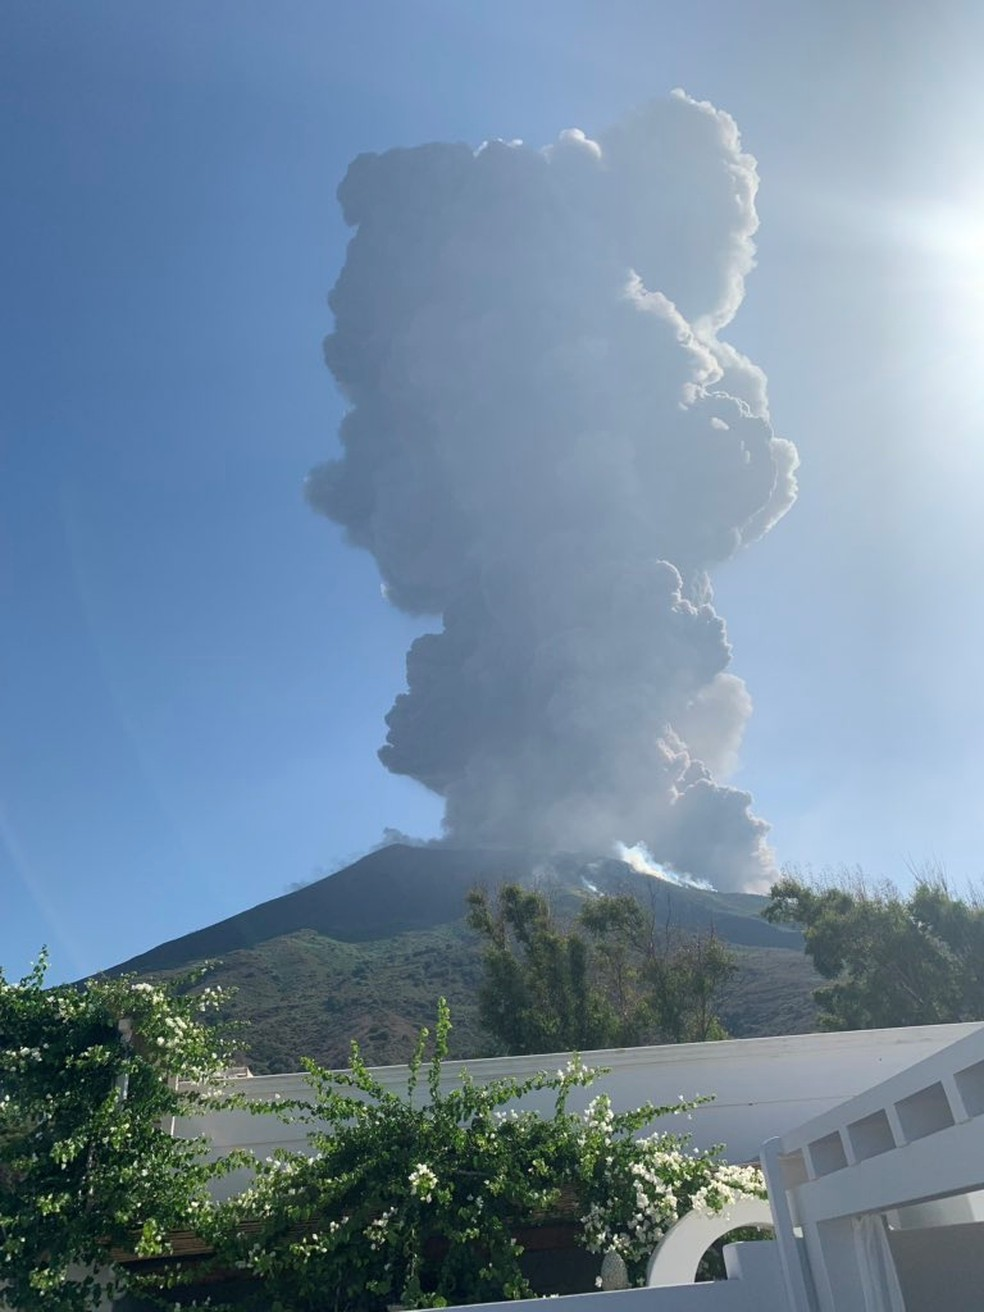 Vulcão entrou em erupção nesta quarta-feira (3) na ilha de Stromboli, na Itália. — Foto: Gernot Werner Gruber via Reuters